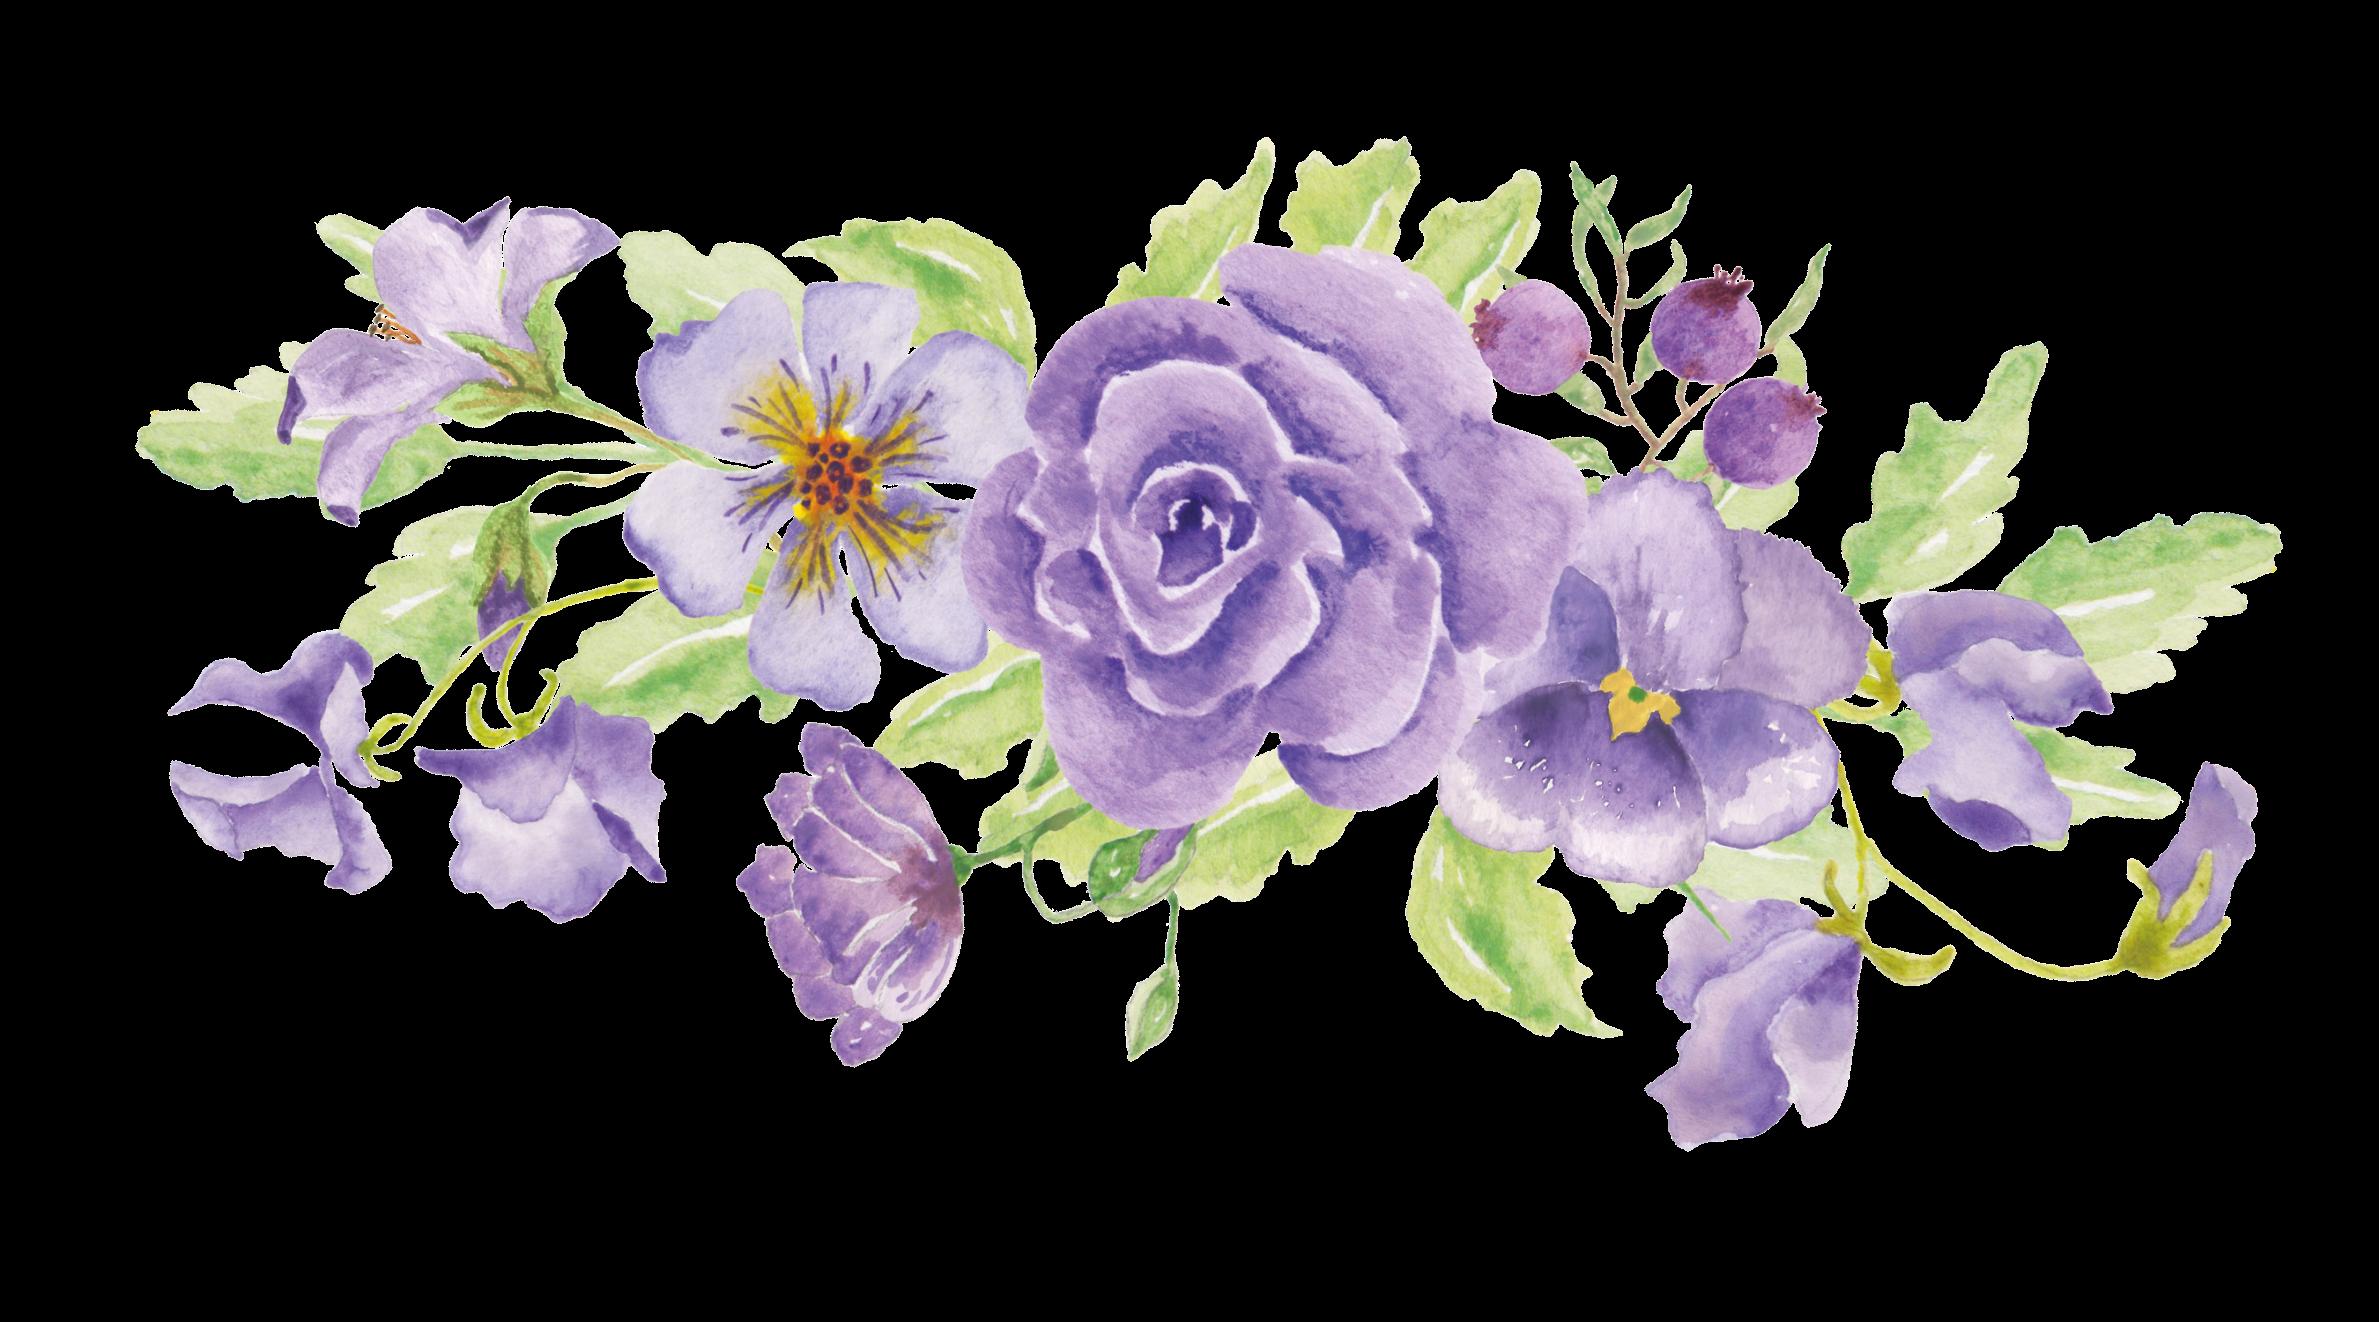 Floral Design Illustration Image Portable Network Graphics Png